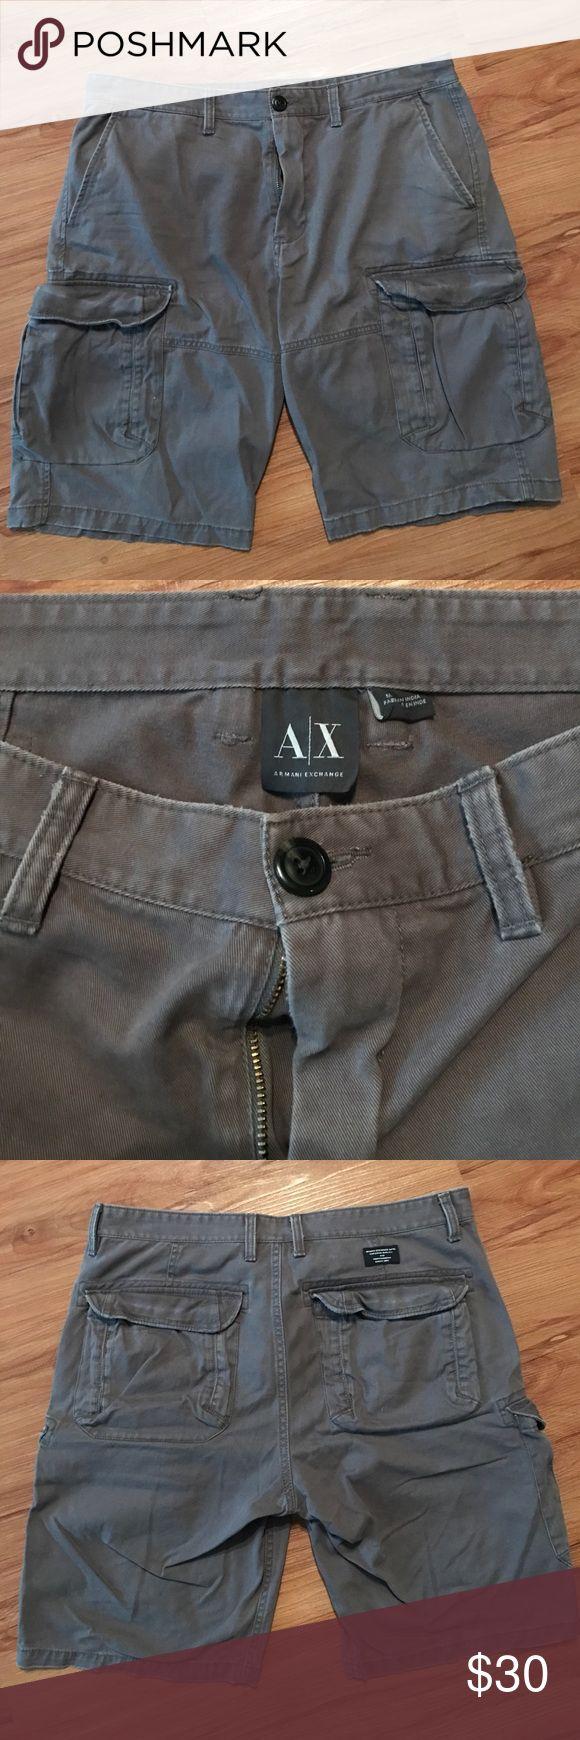 Armani Exchange Cargo Shorts Armani Exchange Cargo Shorts. Size 34. Great condition. A/X Armani Exchange Shorts Cargo